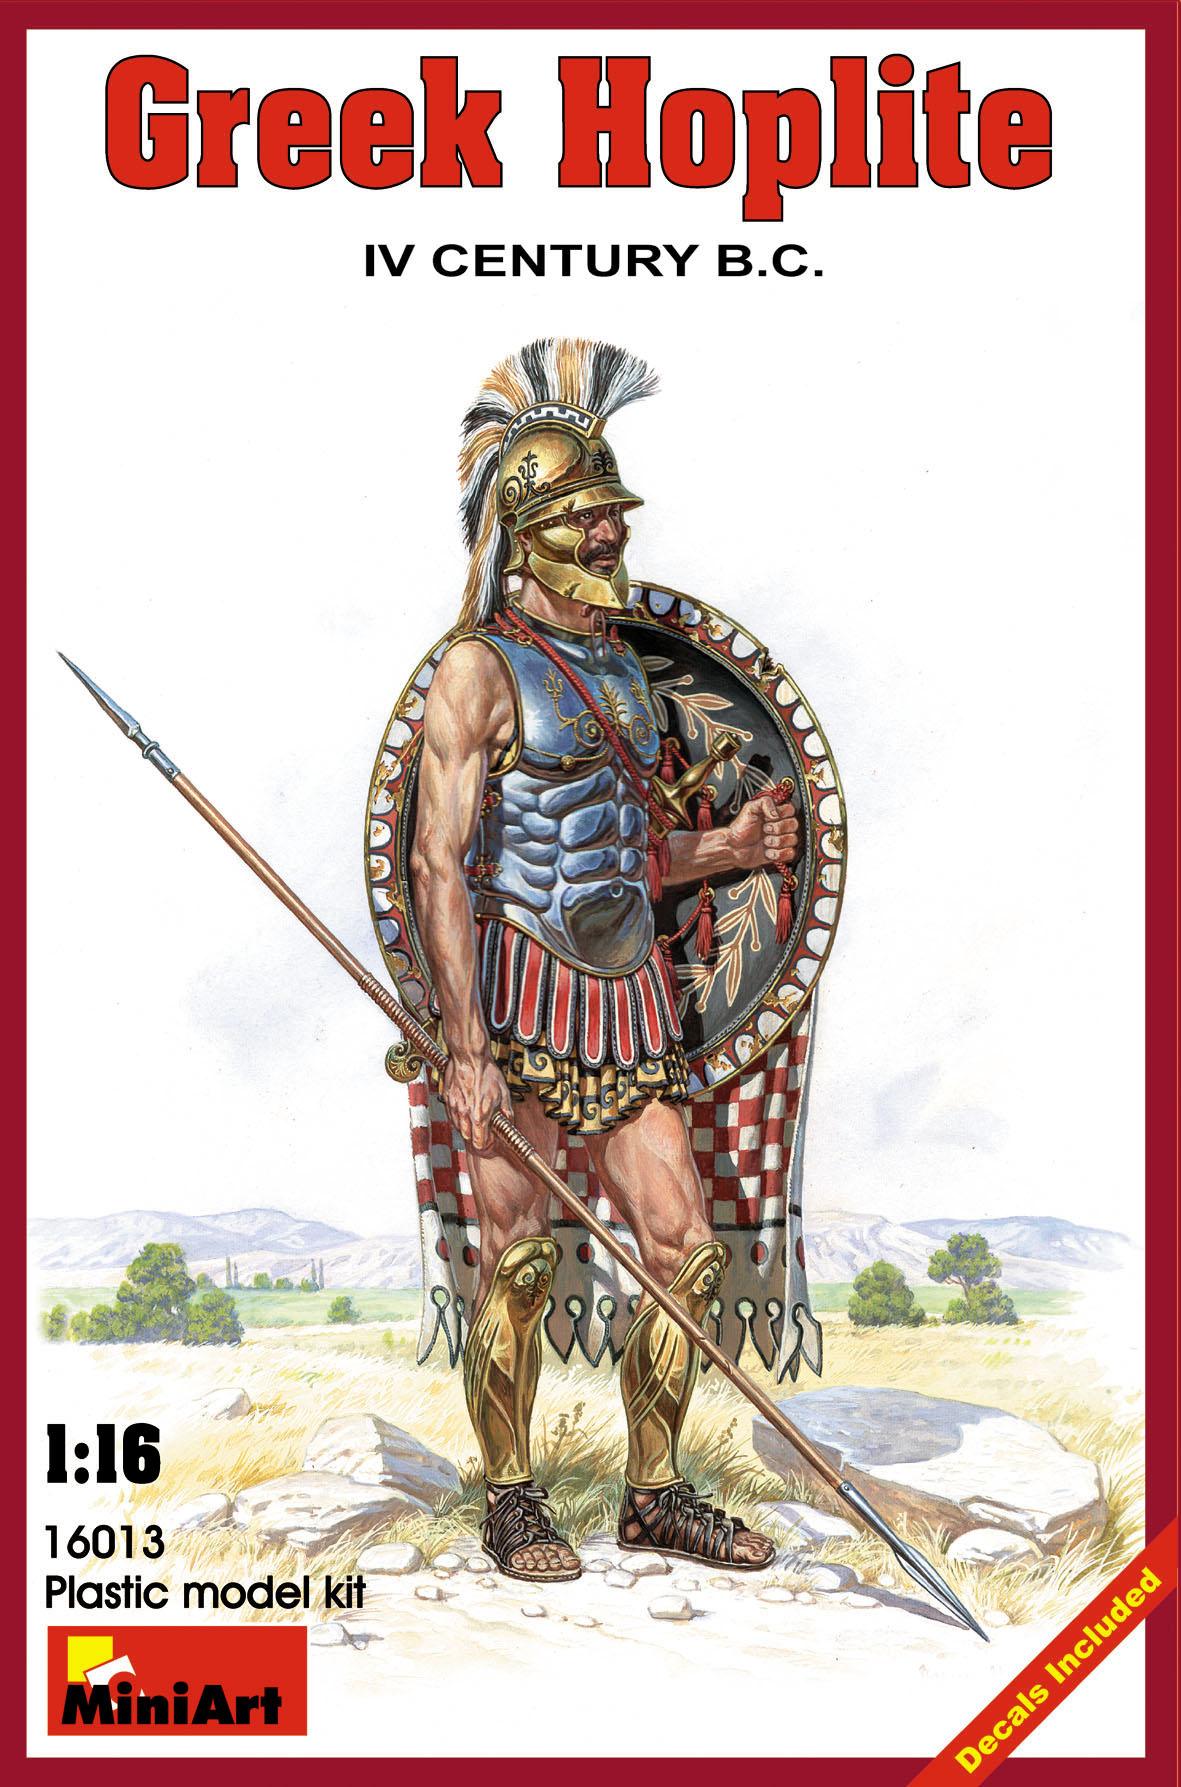 GREEK HOPLITE IV CENTURY B.C.